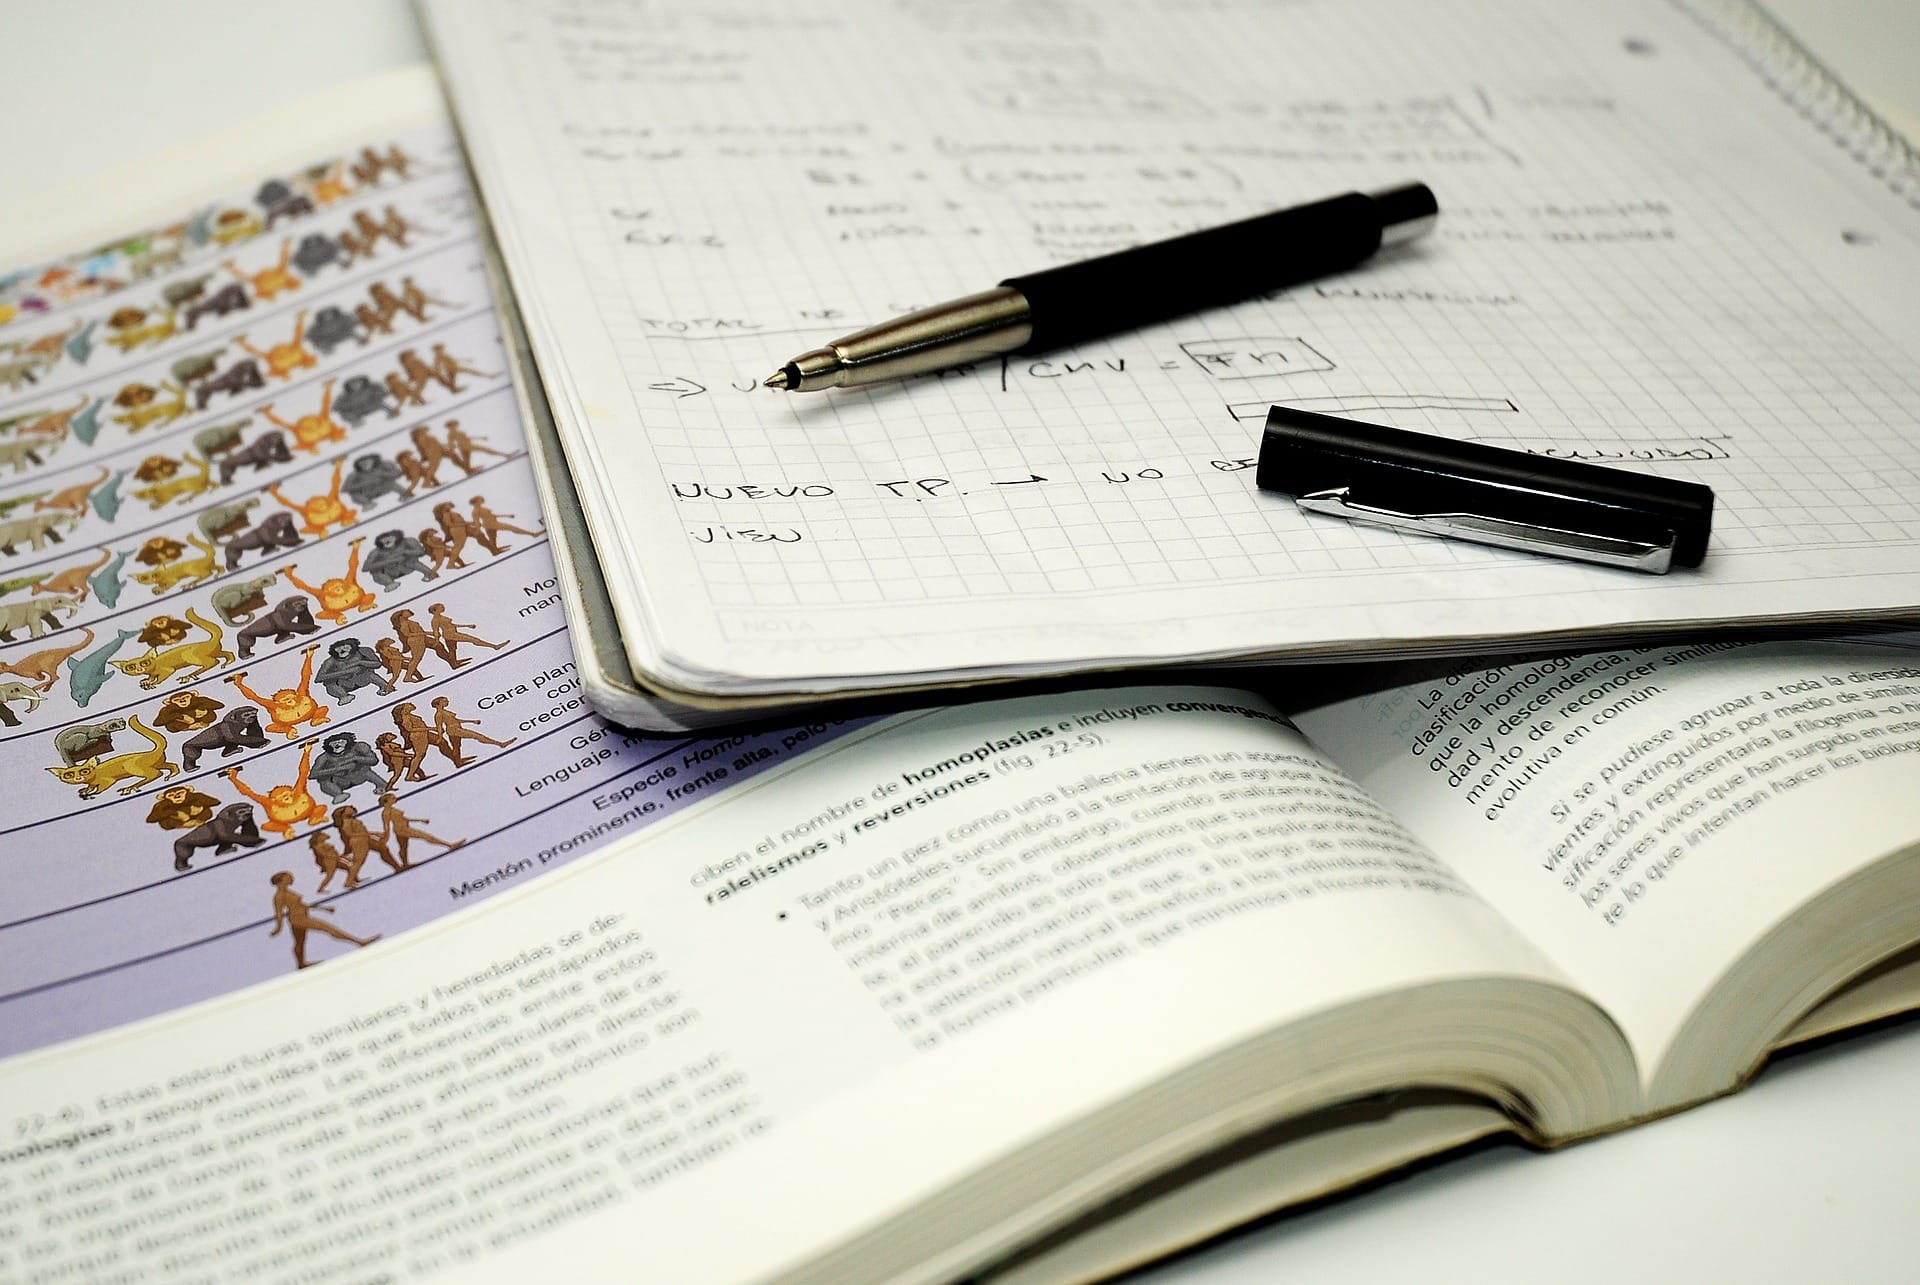 Student Biologie Aufzeichnungen Denken Studie - (c) Pixabay